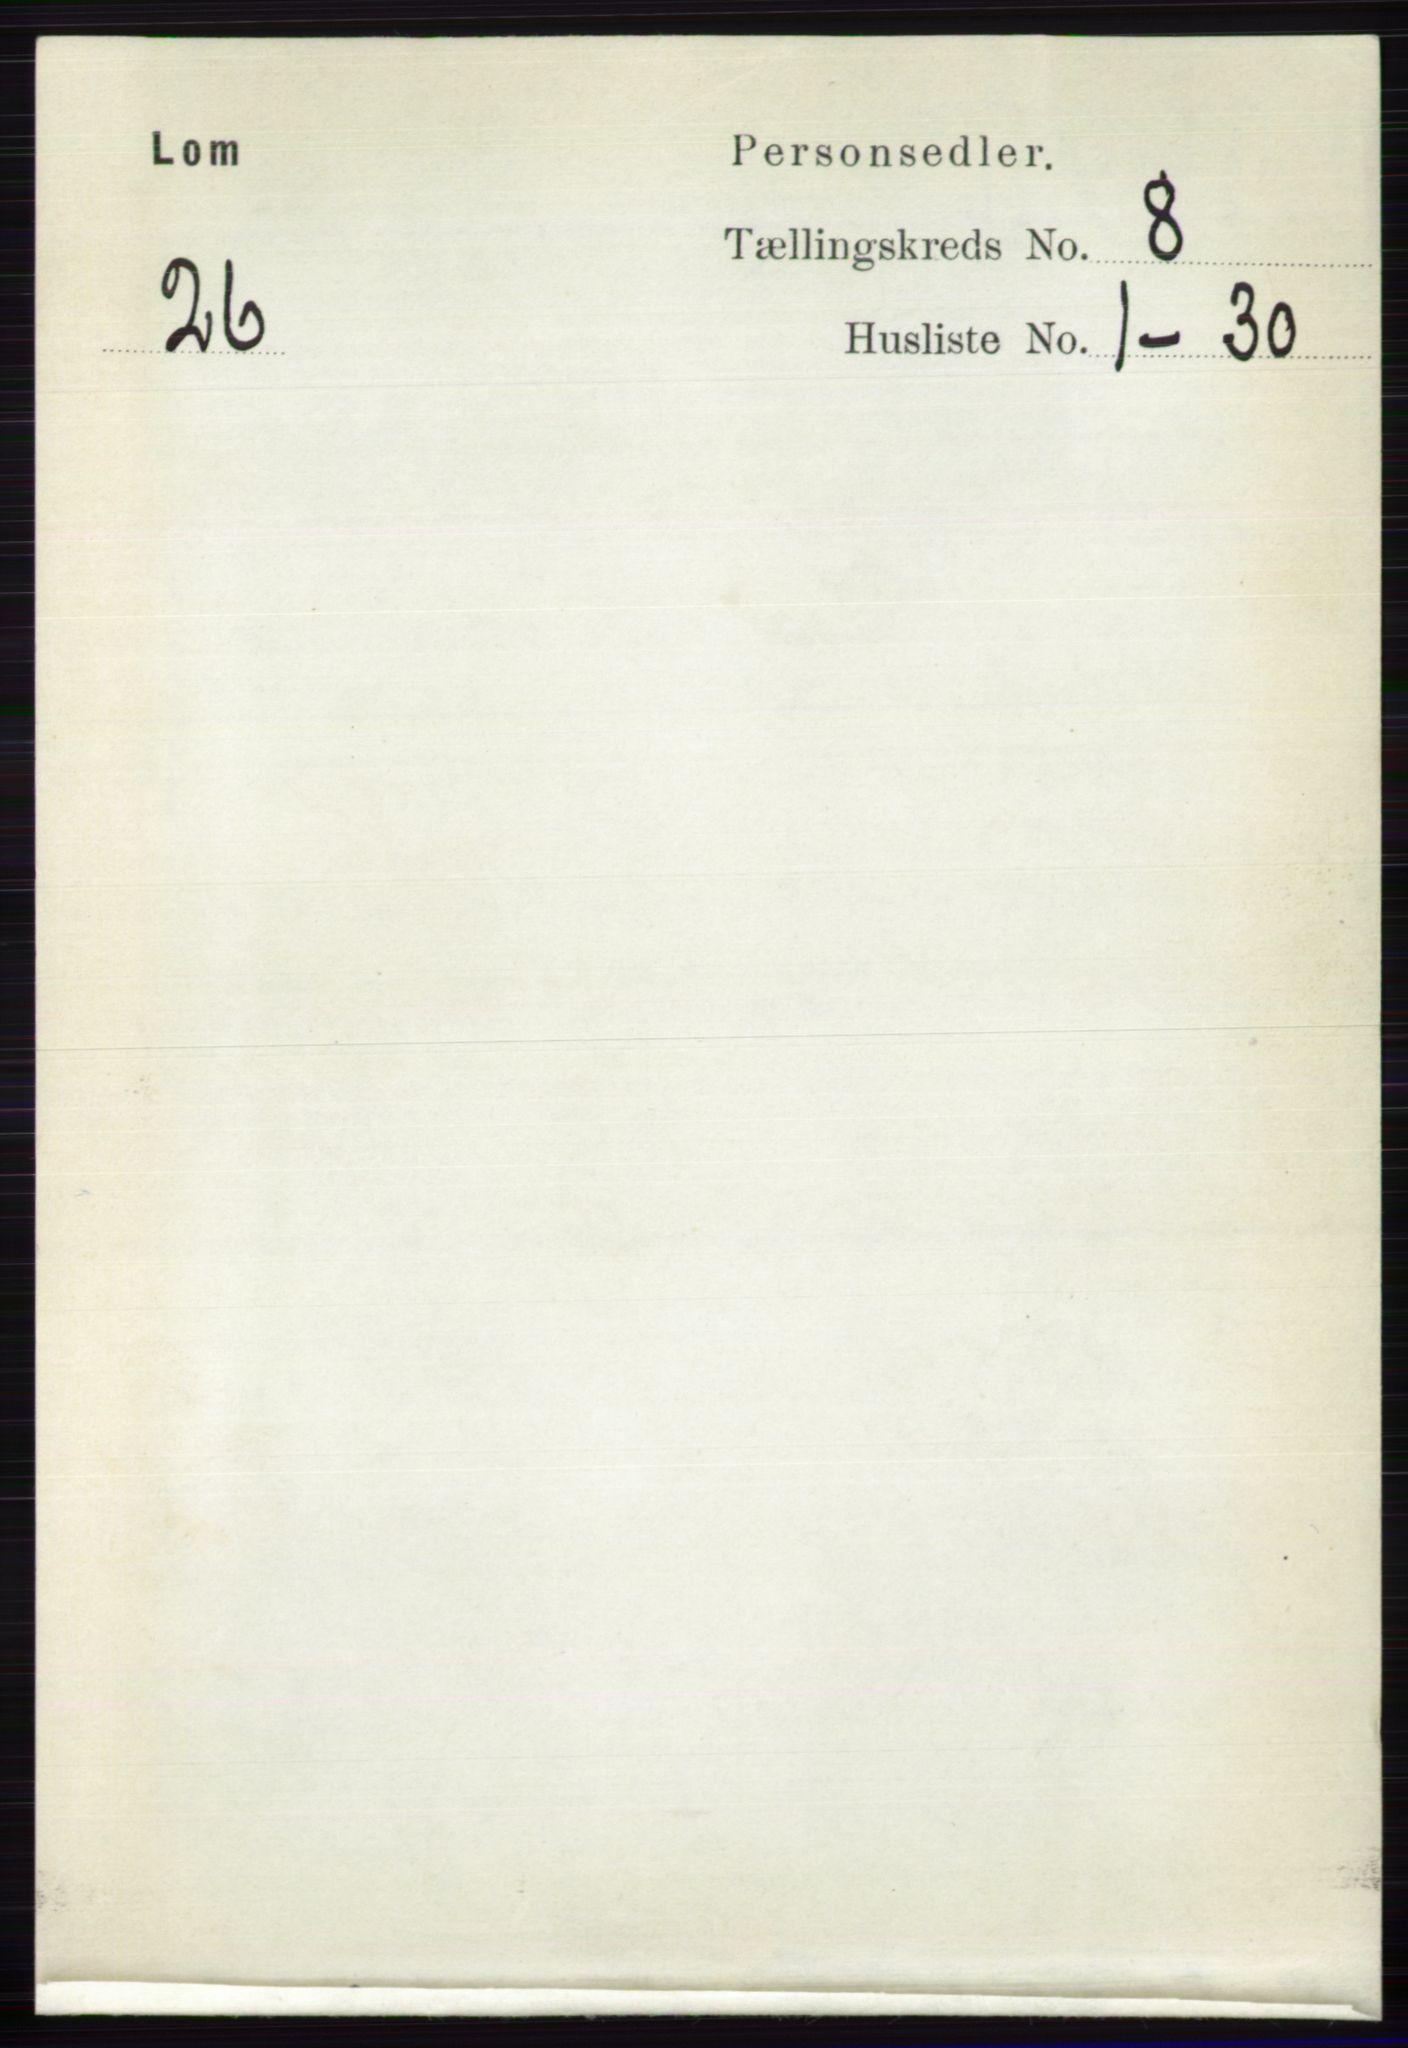 RA, Folketelling 1891 for 0514 Lom herred, 1891, s. 3105